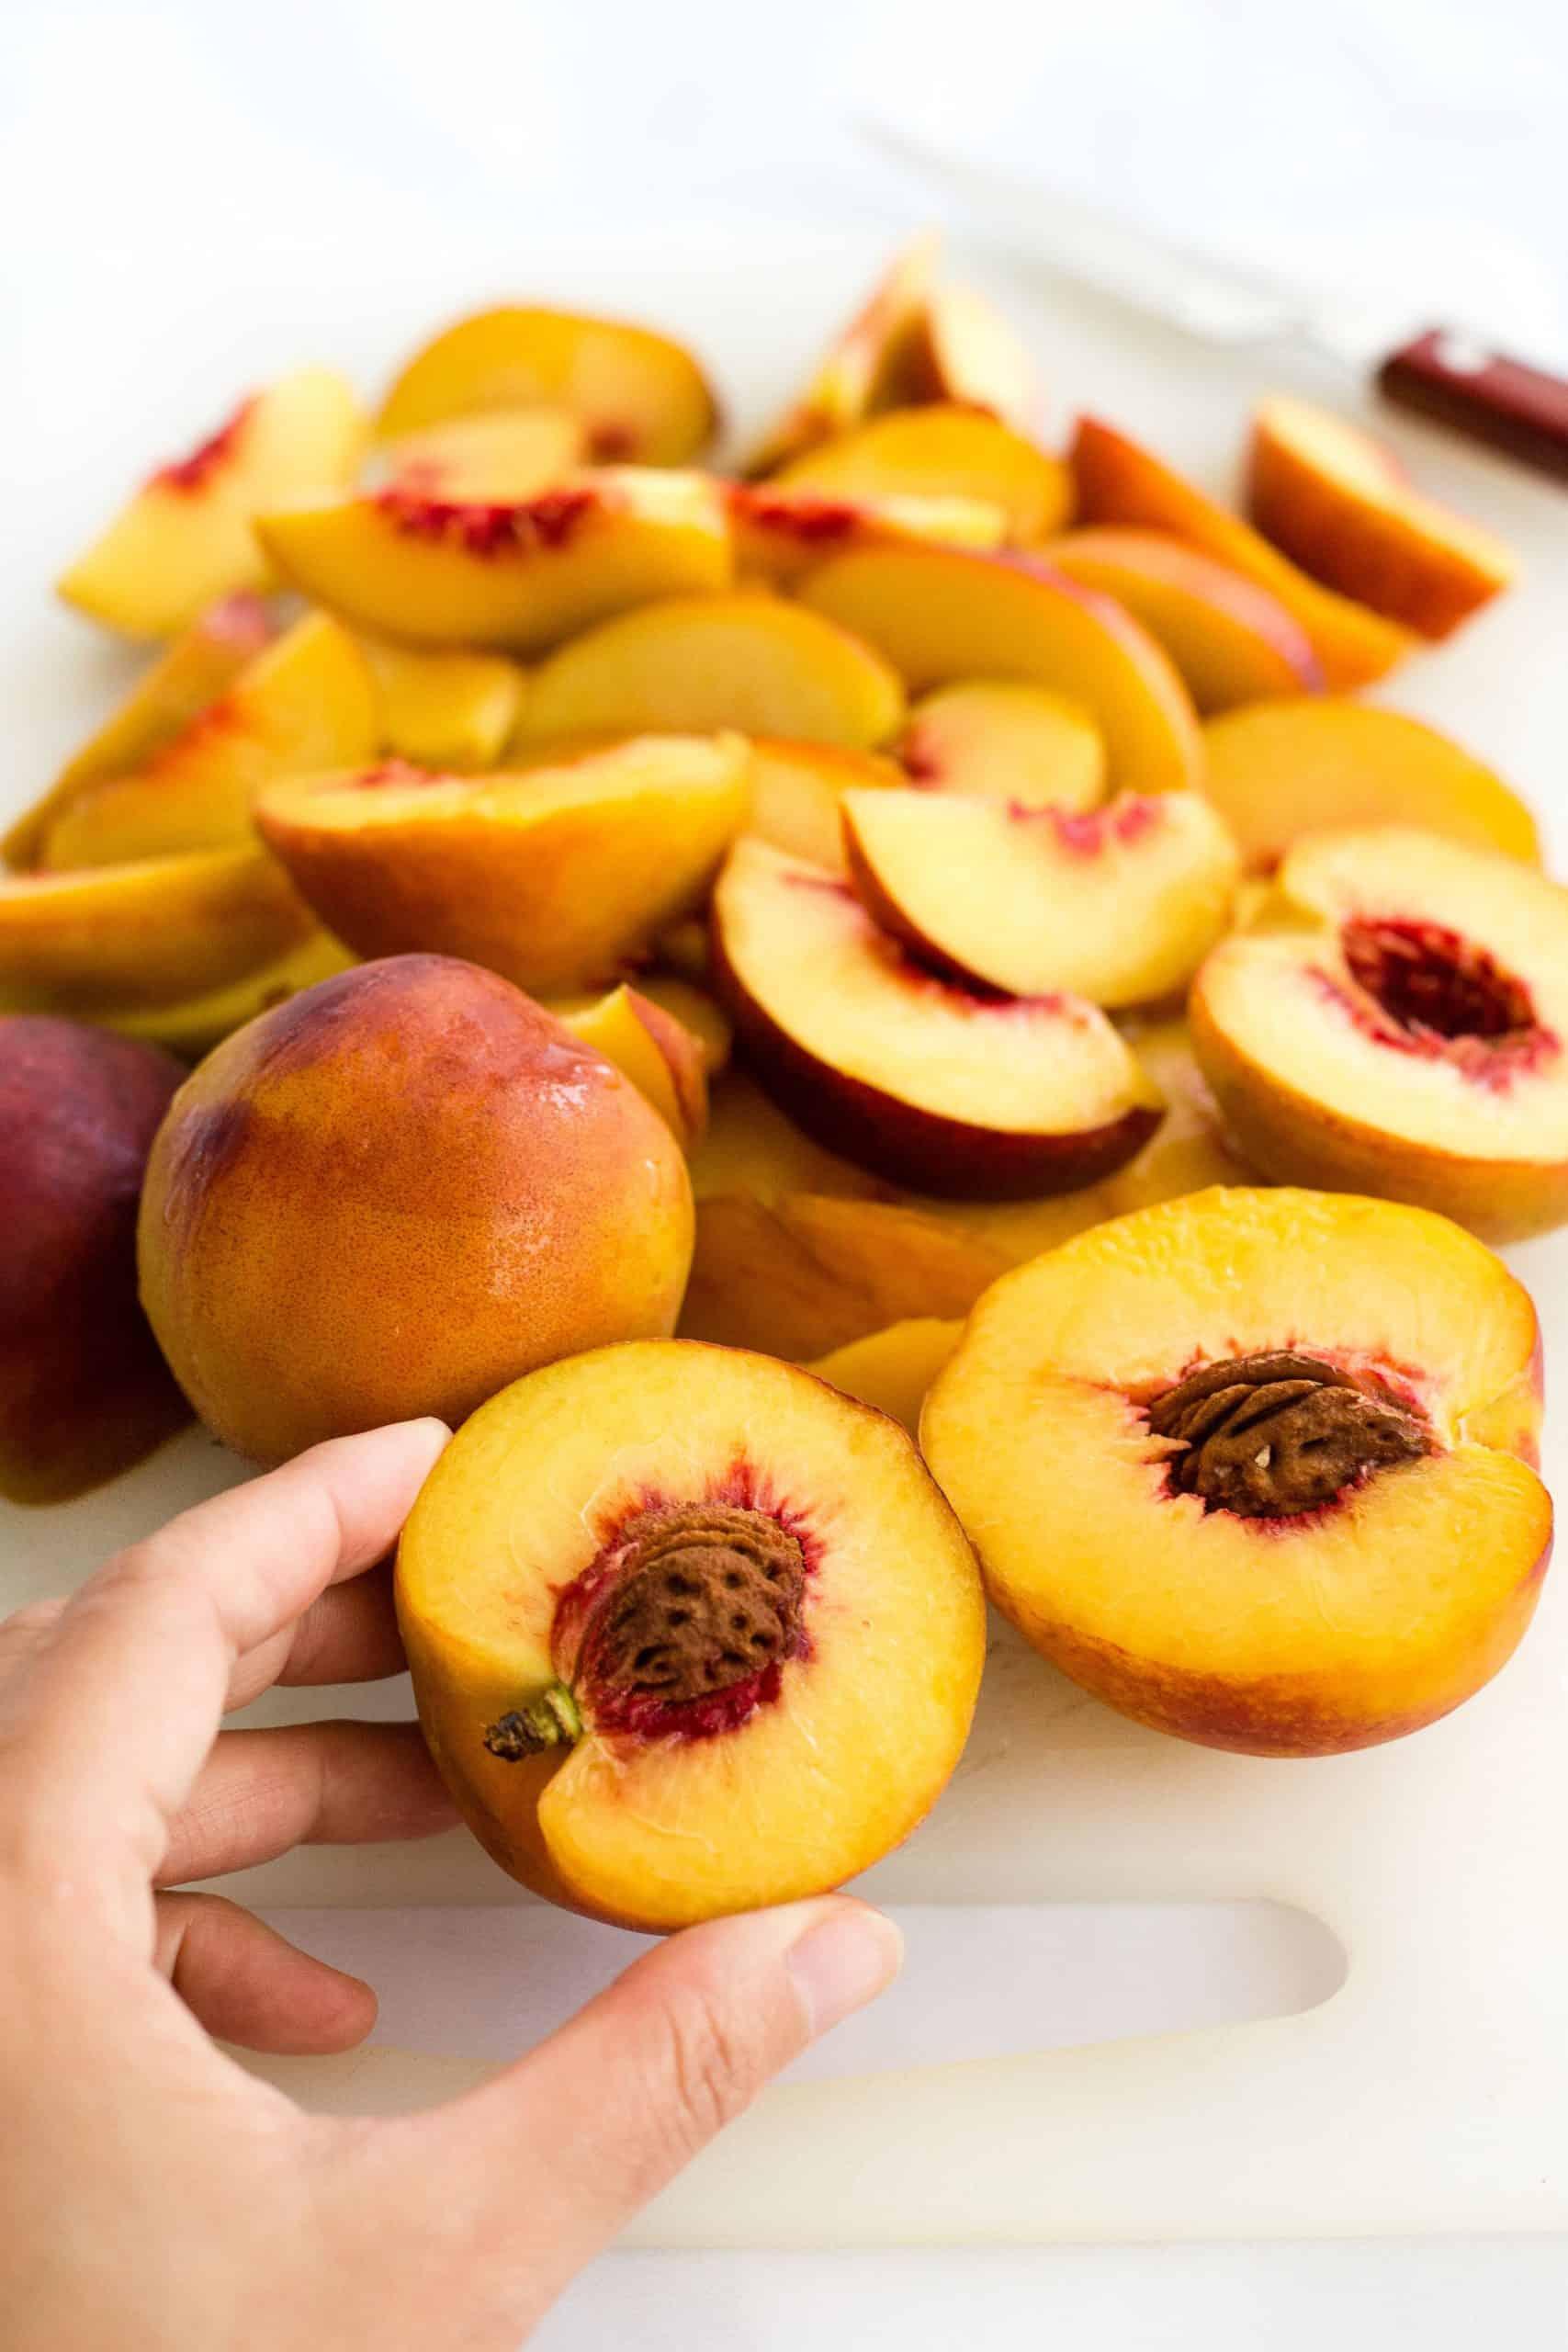 Hand holding a half-cut peach.